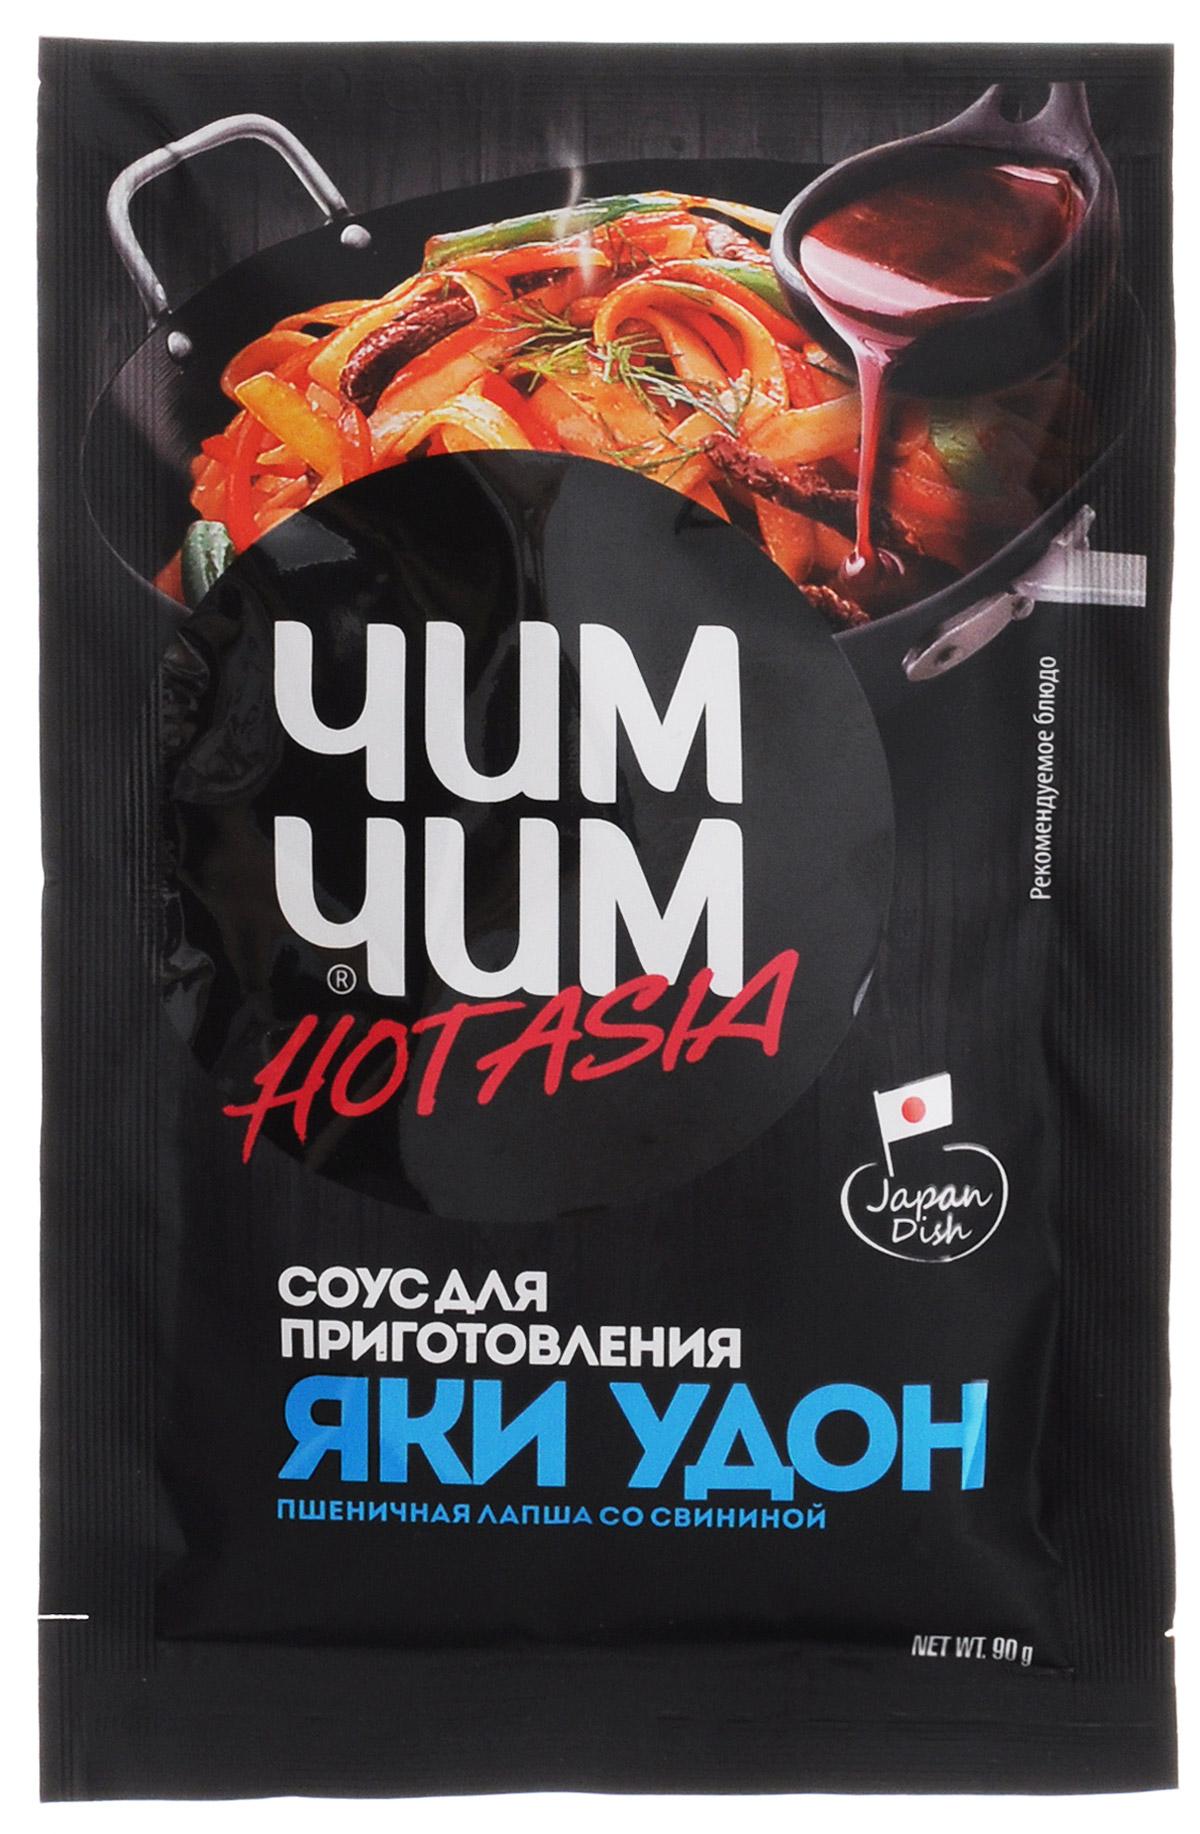 Чим-Чим Hot Asia соус для приготовления яки удон, 90 г